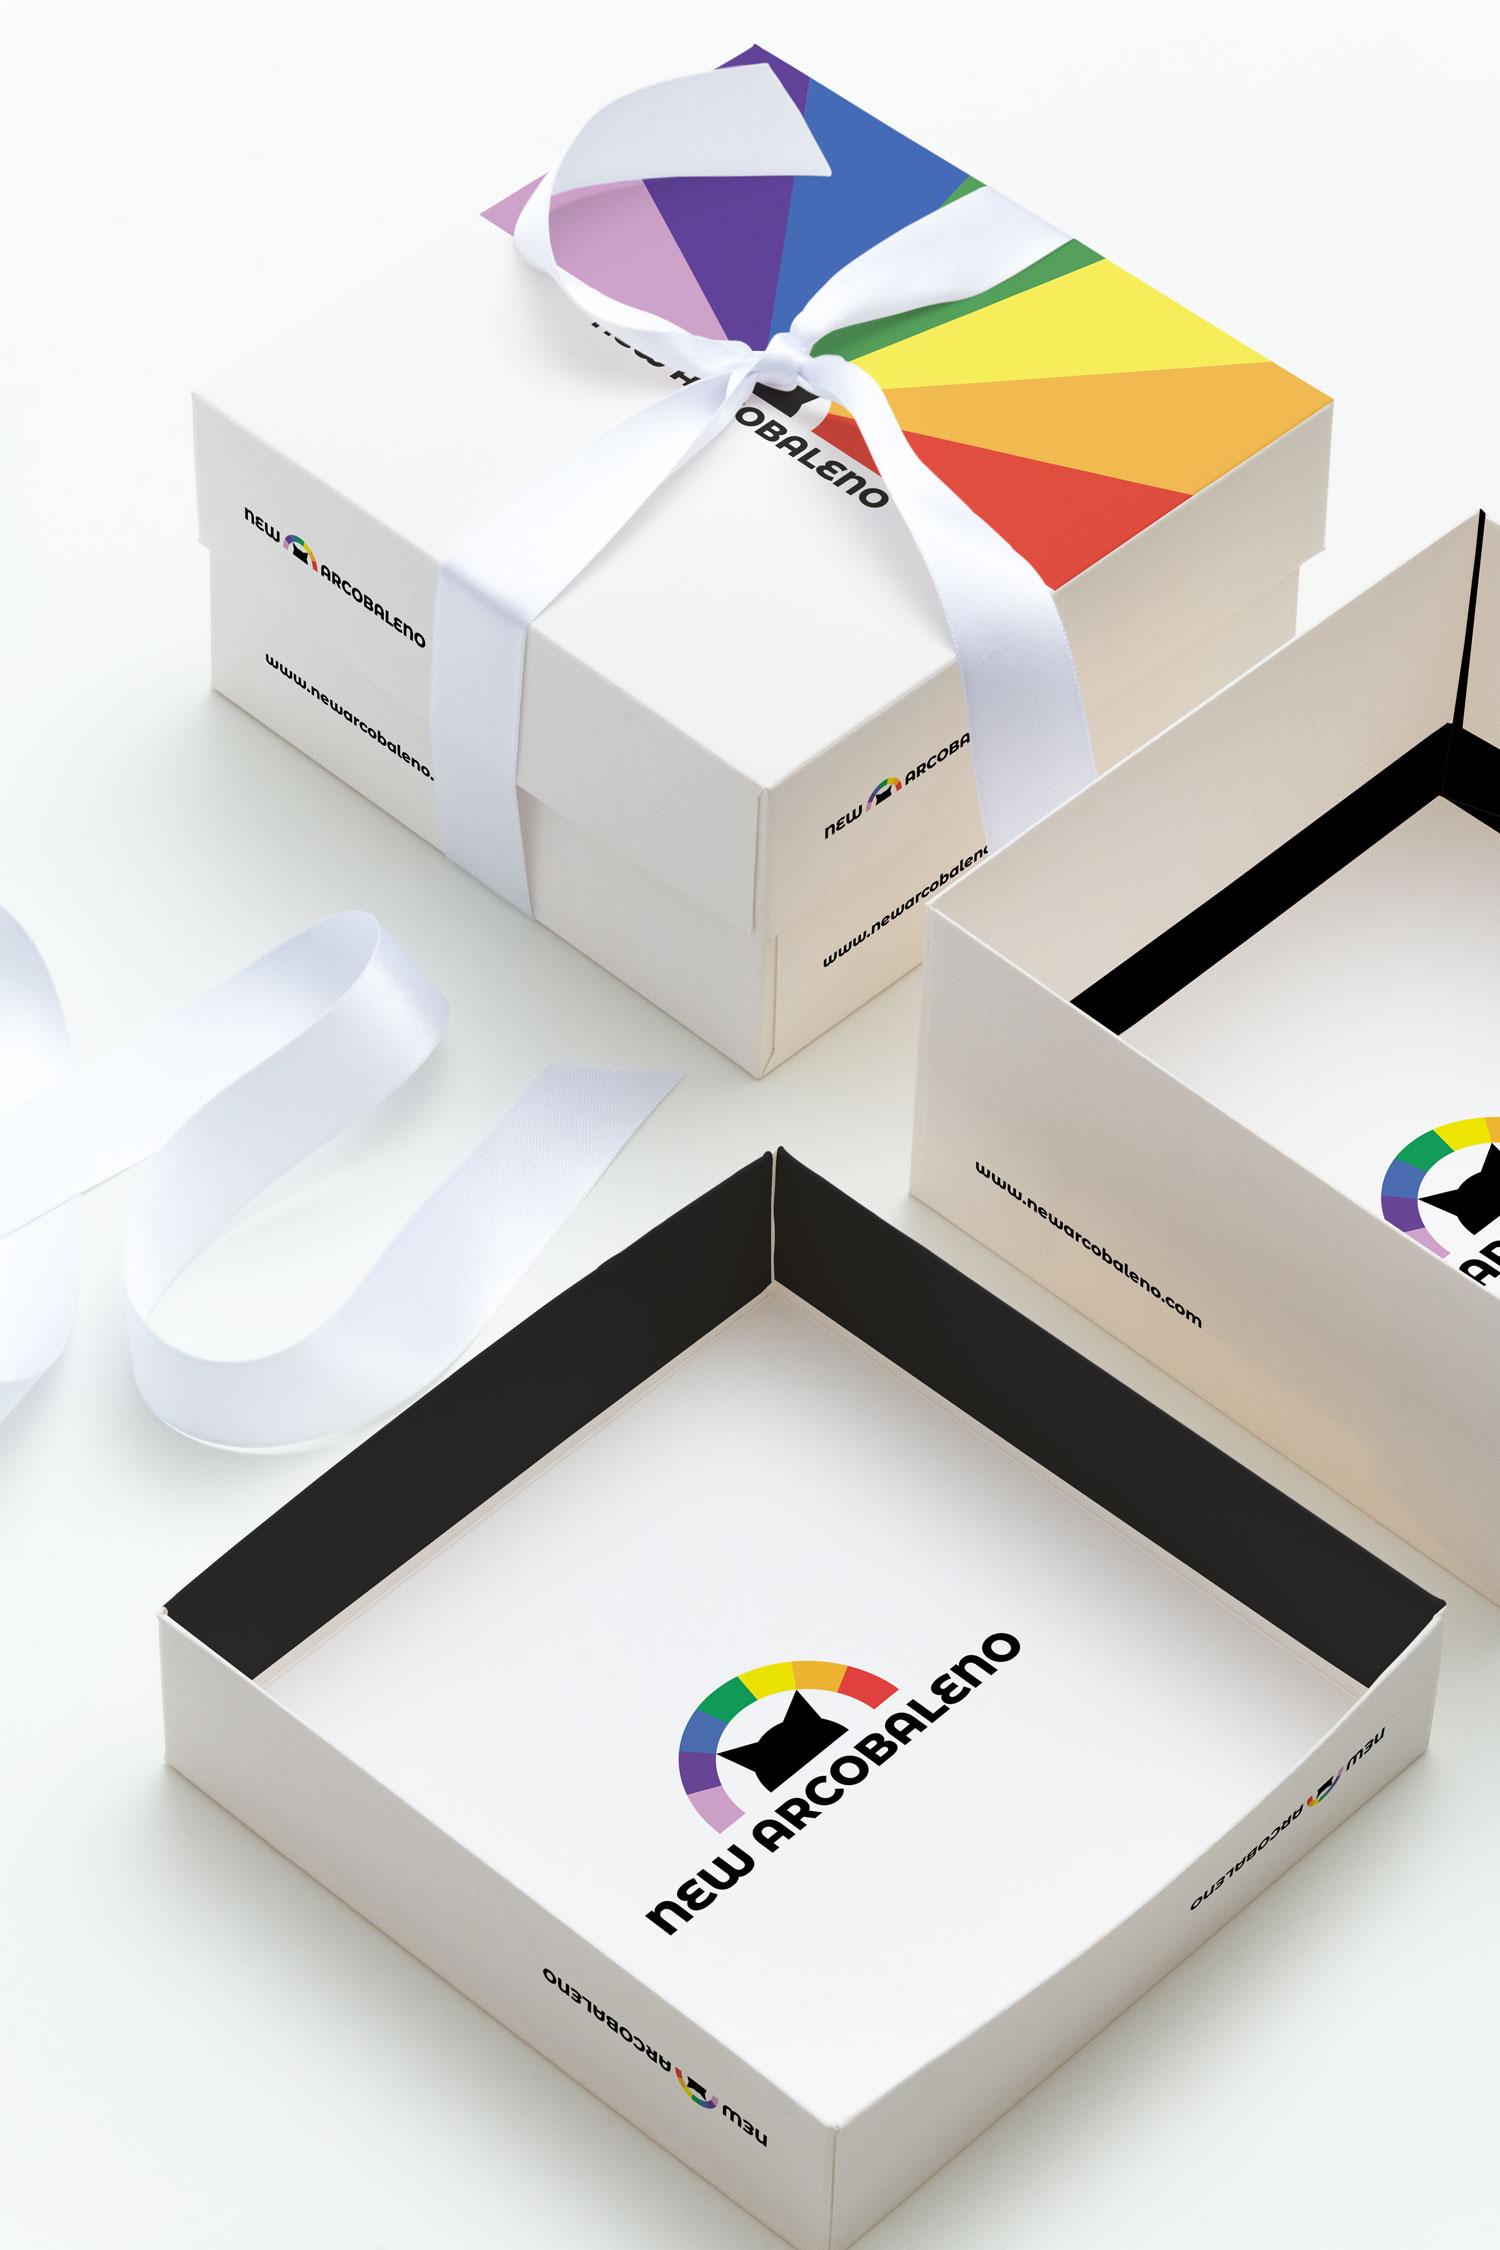 Dettaglio su due scatole quadrate bianche con stampata la brand identity e il logo di New Arcobaleno